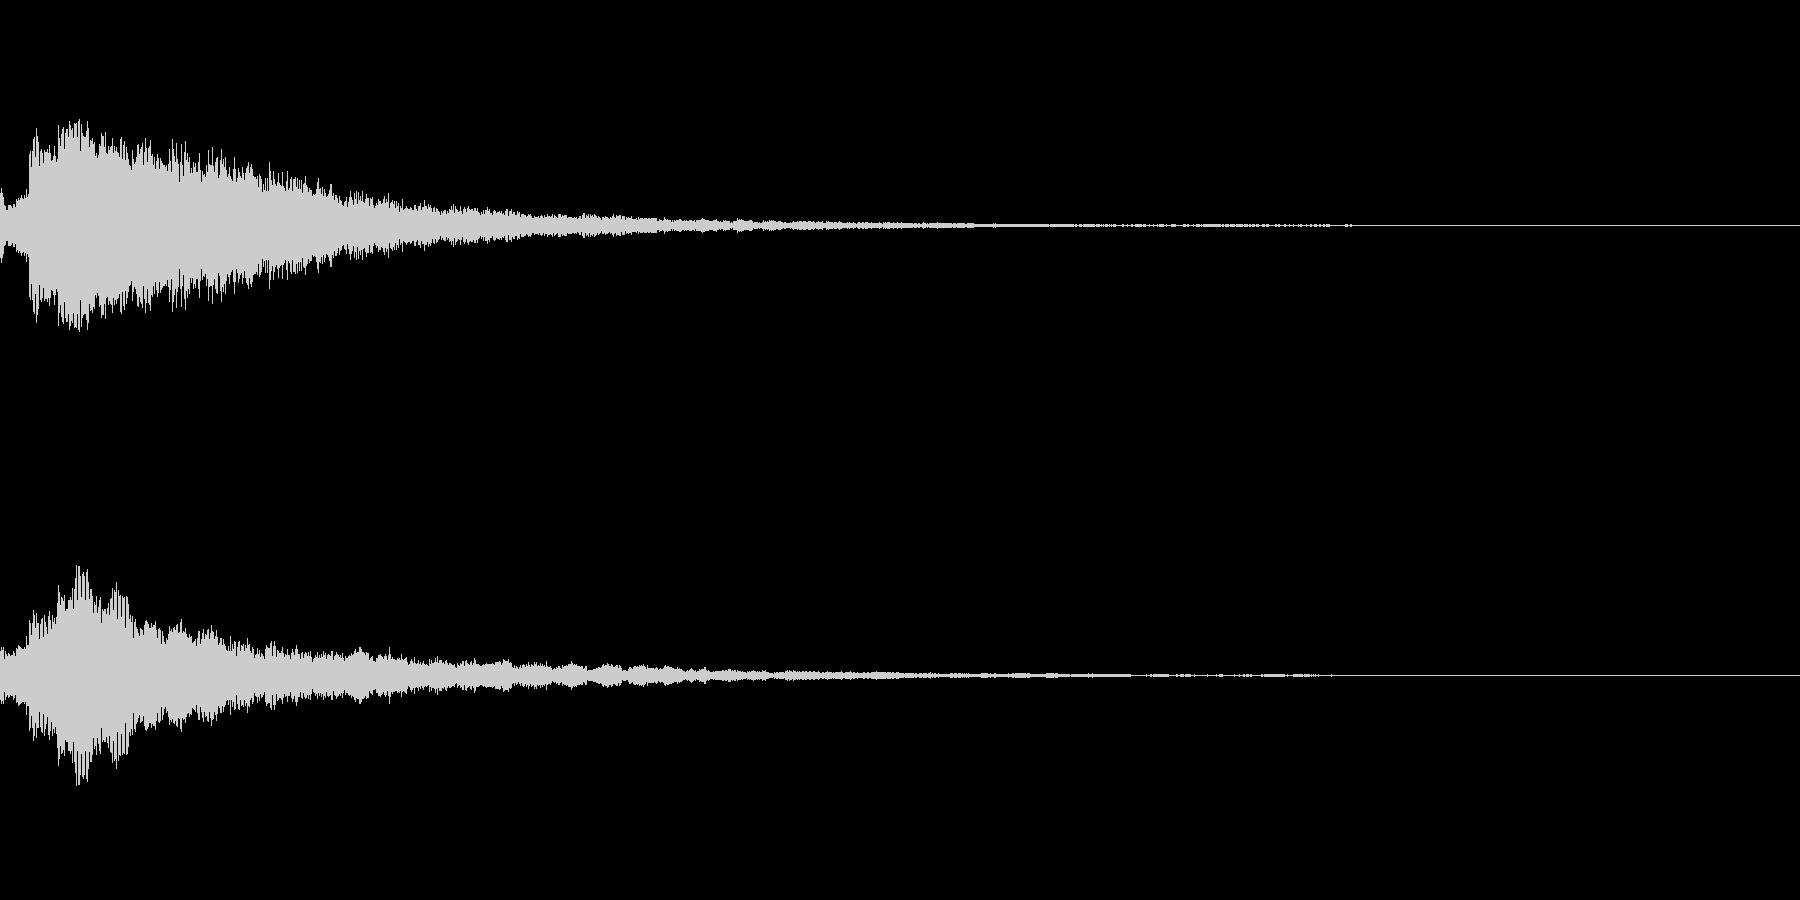 しゃらん♪ (連鎖08)の未再生の波形